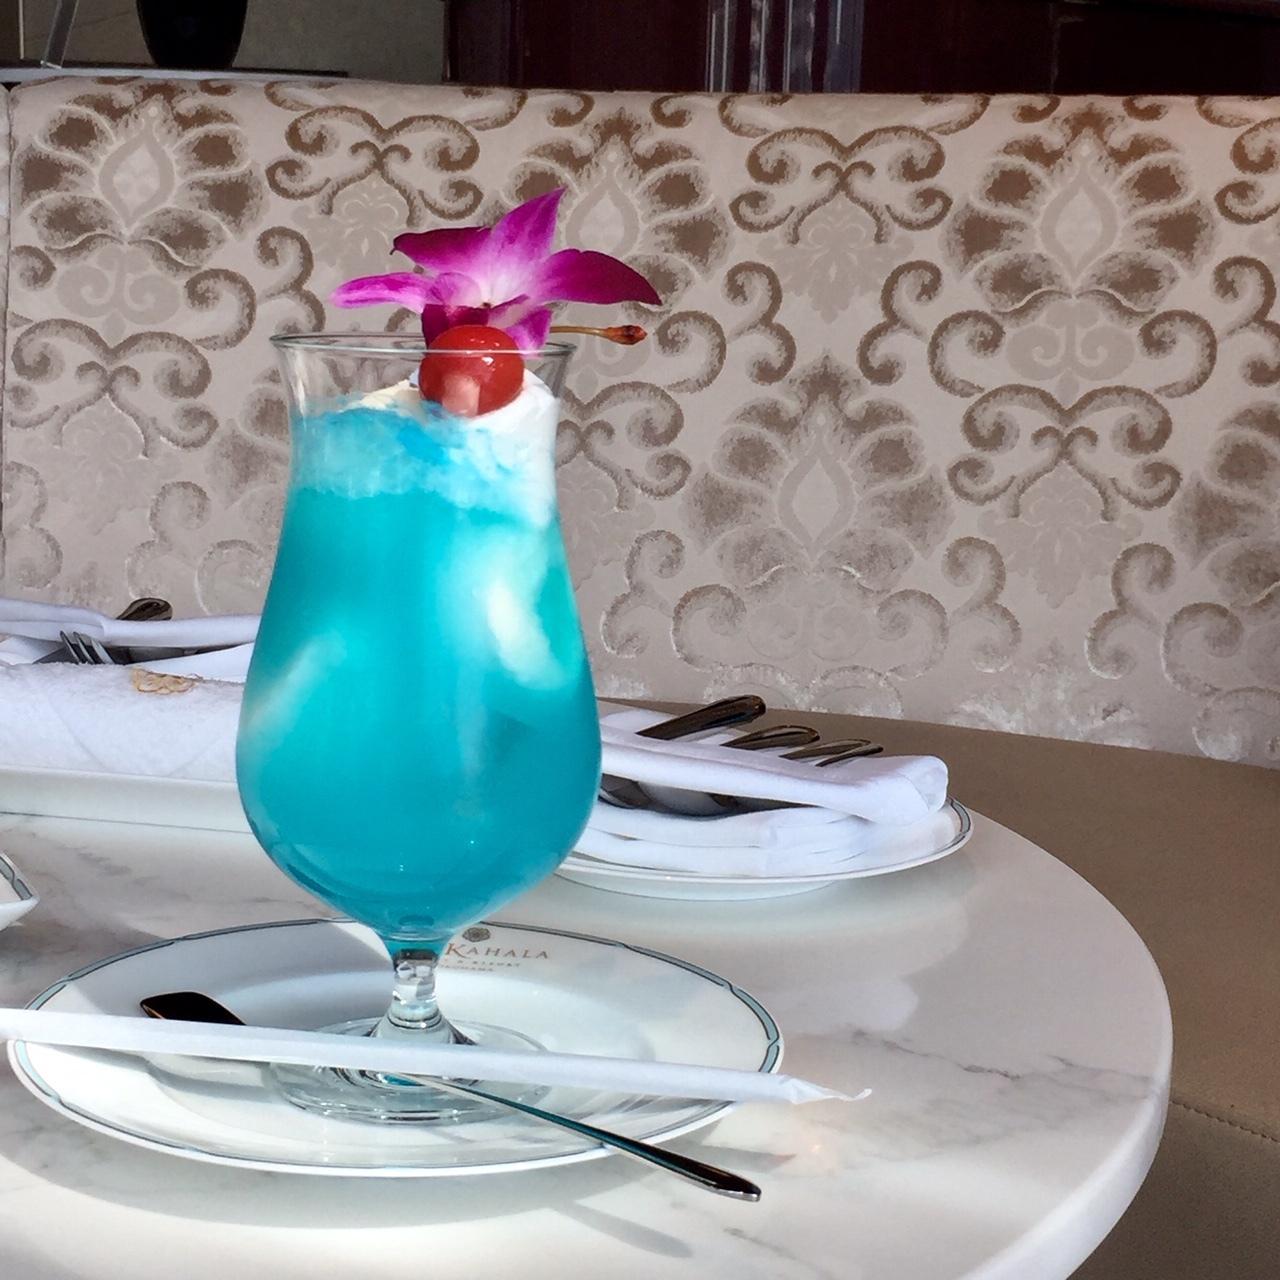 ザ・カハラ・ホテル&リゾート横浜でハワイ気分のお茶時間_1_5